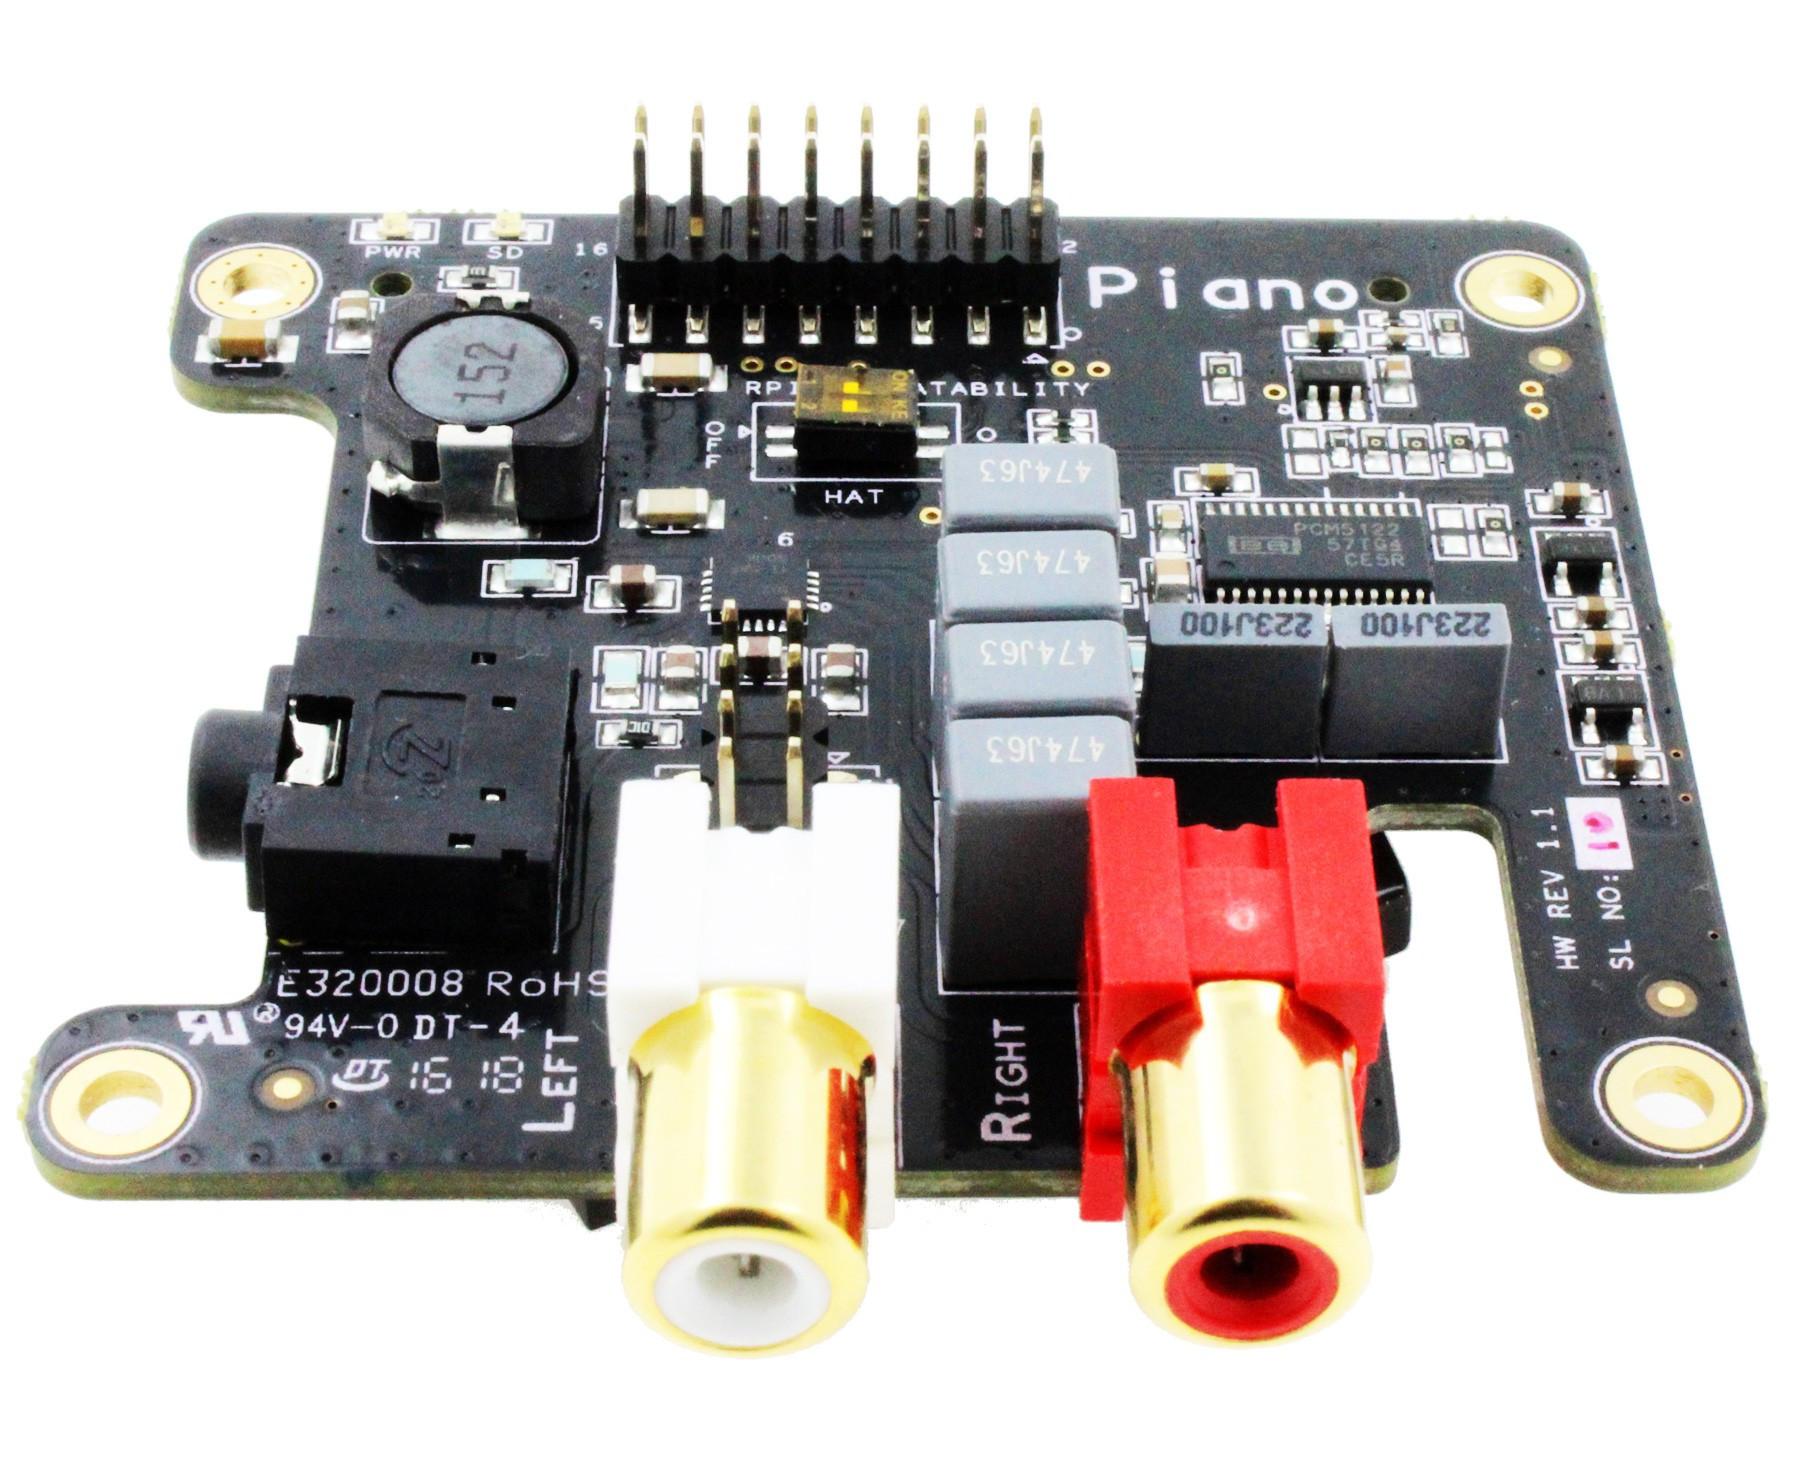 Piano DAC for raspberry pi - EU